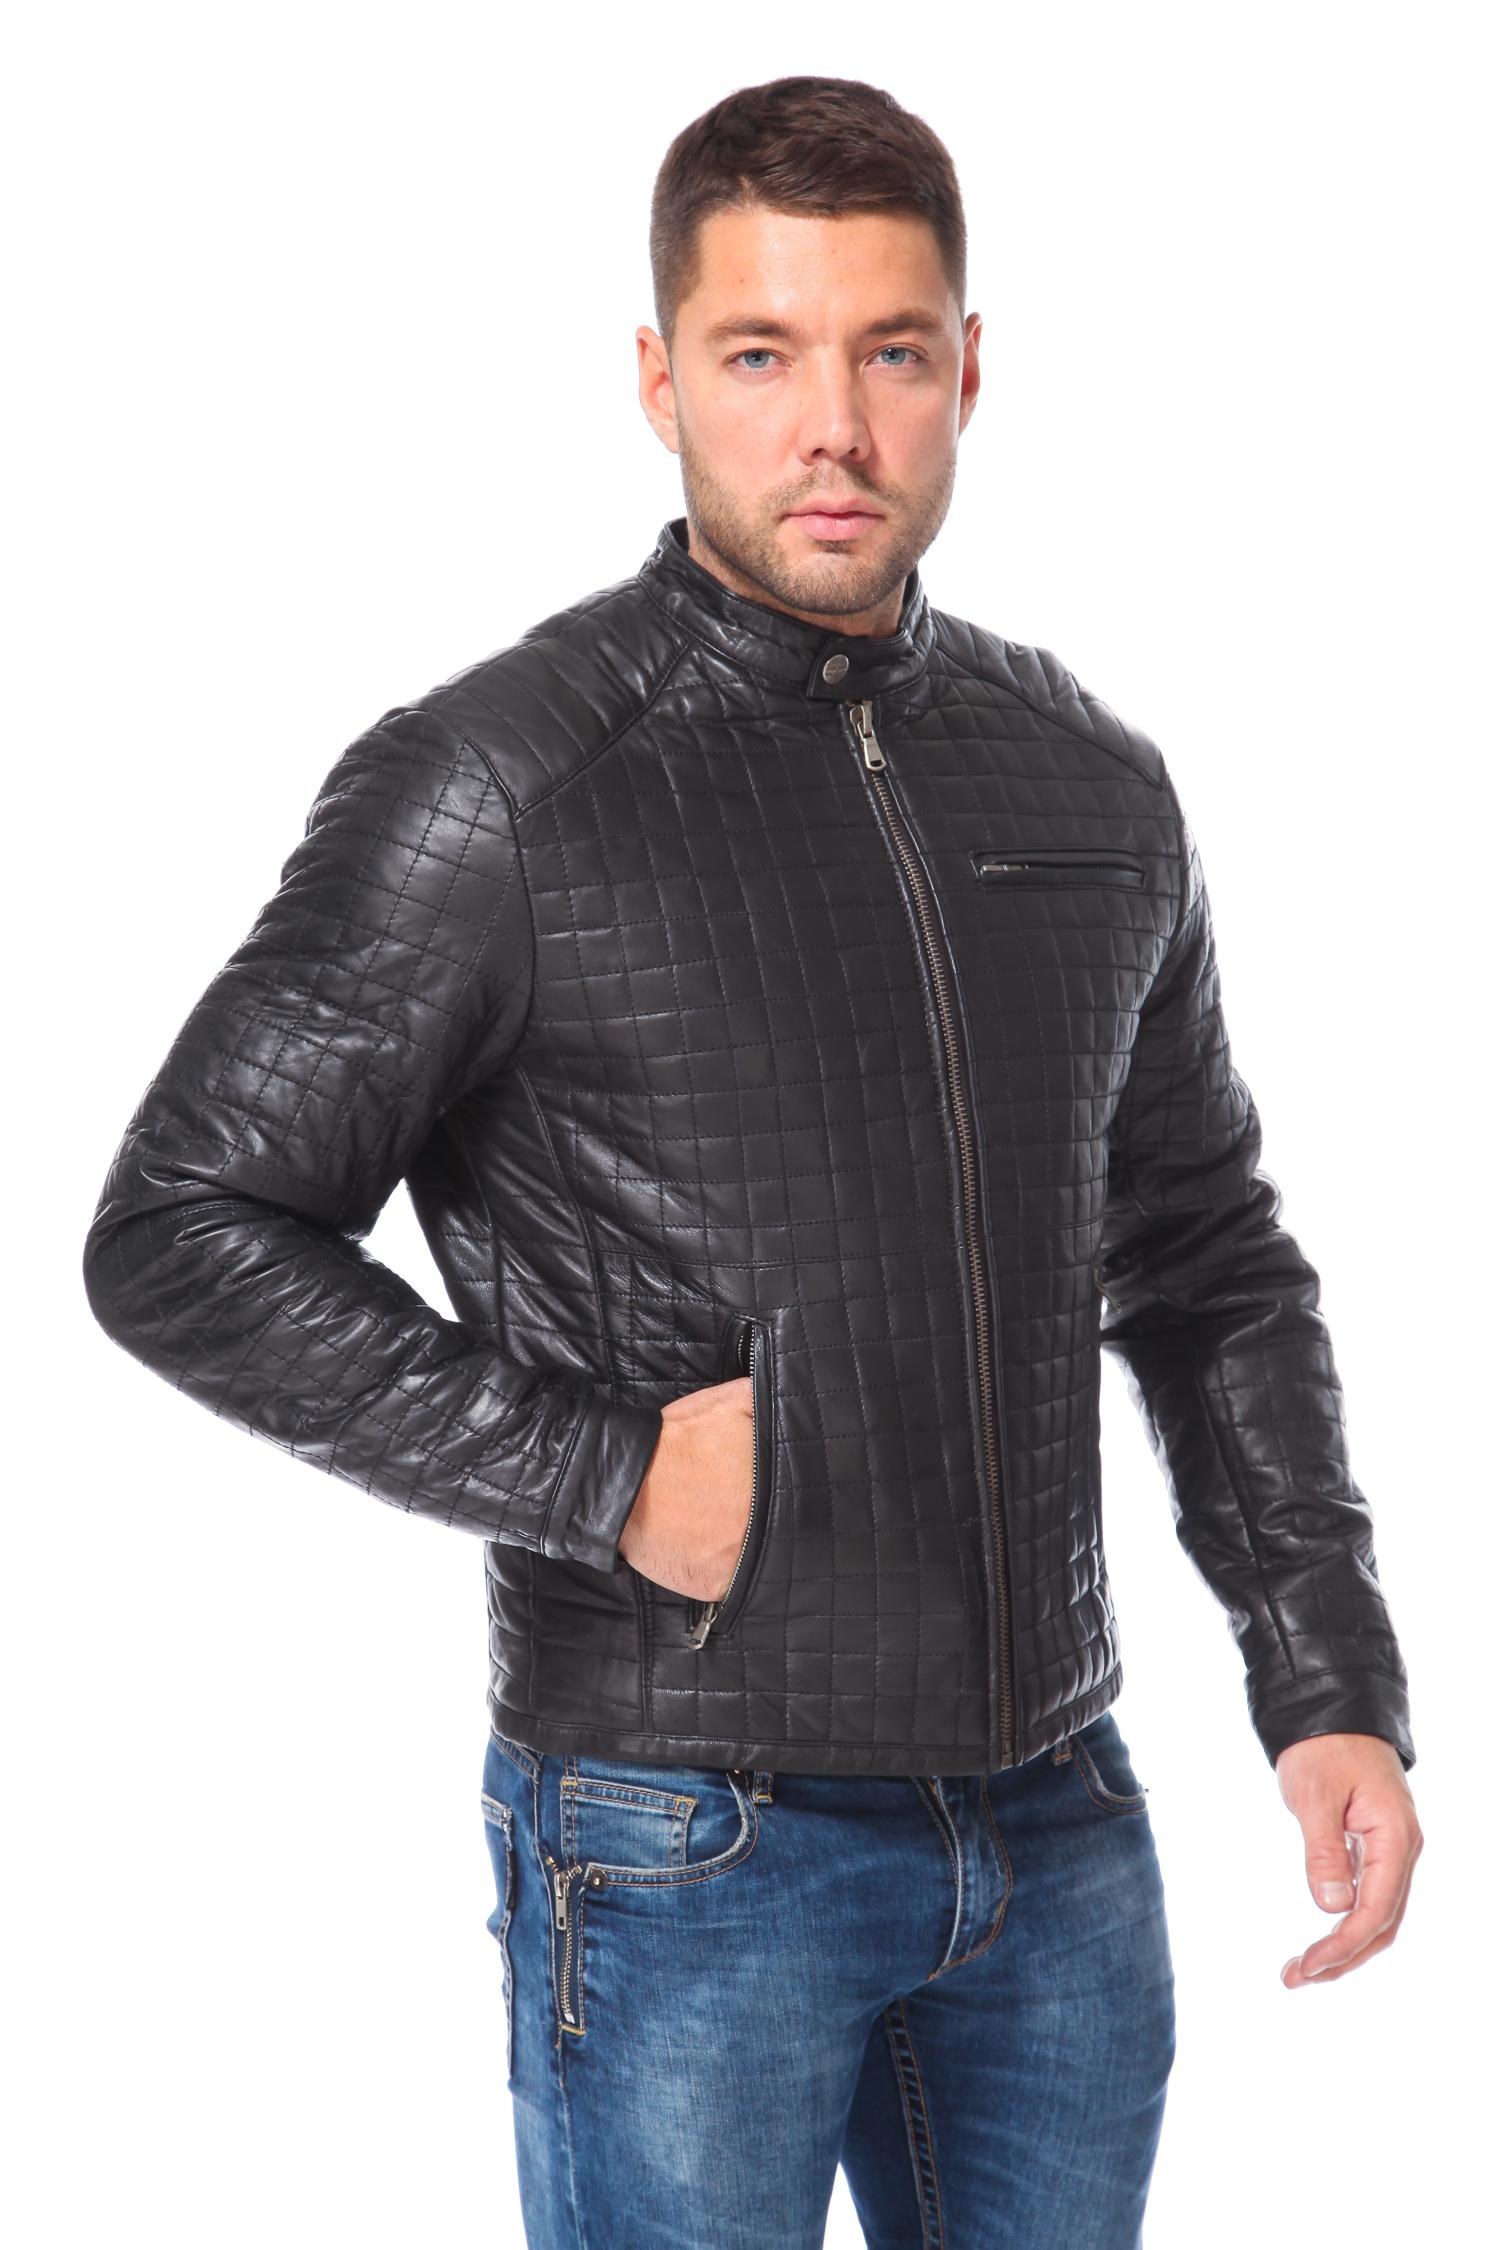 Мужская кожаная куртка из натуральной кожиЦвет  маренго (черный с серым отливом).<br><br>Куртка сшита из специально выделанной кожи молодого ягненка - ПЛОНЖЕ. В качестве утеплителя использован синтепон.<br><br>Кожа ПЛОНЖЕ (знаменитая французская кожа с небольшим блеском) считается самой элитной кожей для мужских курток. Данная модель находка для тех, кто хочет быть в тренде. Она объединила в себе самые модные тенденции сезона, такие как стеганая фактура и конструктивизм. Цвет и фасон изделия позволяет носить его с джинсами, футболками и пуловерами. Можно добавлять в качестве аксессуаров шарфы, перчатки, различные головные уборы. От их стиля будет меняться общий стиль образа. В этом смысле куртка универсальна и может выступать базовой деталью гардероба. Легкая, мобильная и при этом достаточно теплая, она займет достойное место в гардеробе молодых людей, любящих быть в центре внимания.<br><br>Воротник: стойка<br>Длина см: Короткая (51-74 )<br>Материал: Кожа овчина<br>Цвет: черный<br>Застежка: на молнии<br>Пол: Мужской<br>Размер RU: 44